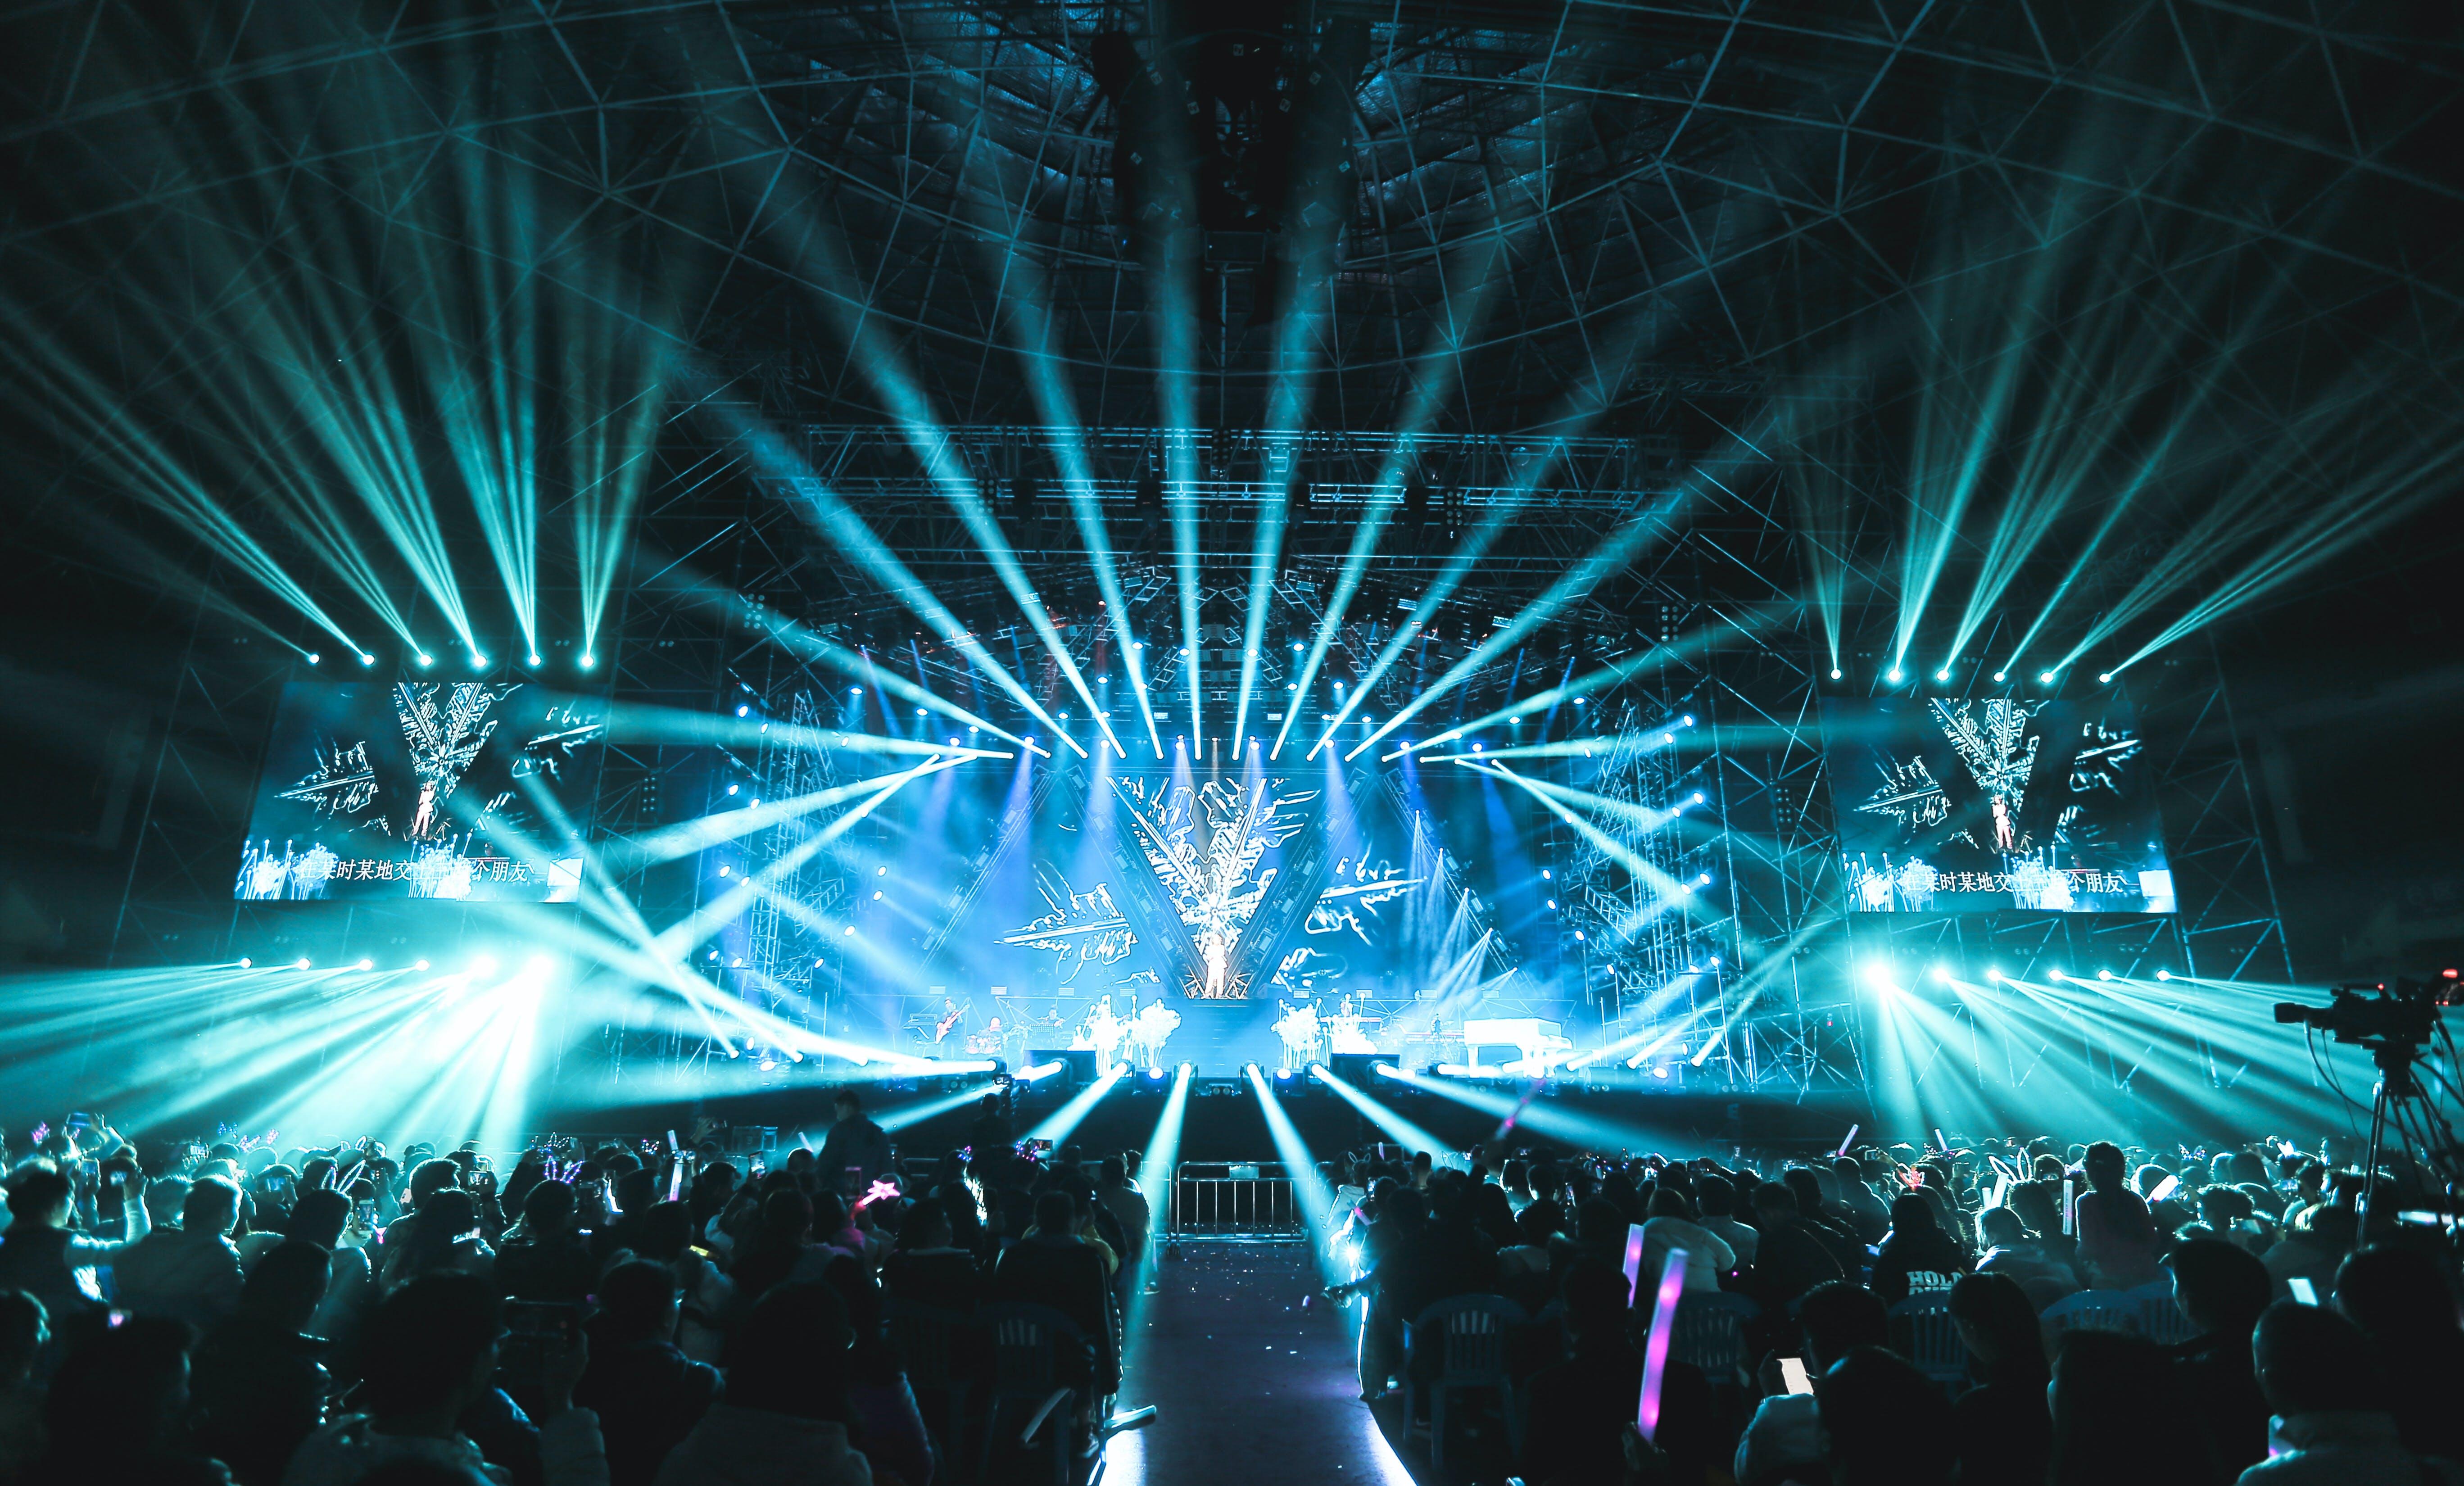 お祝い, コンサート, ステージ, パーティーの無料の写真素材